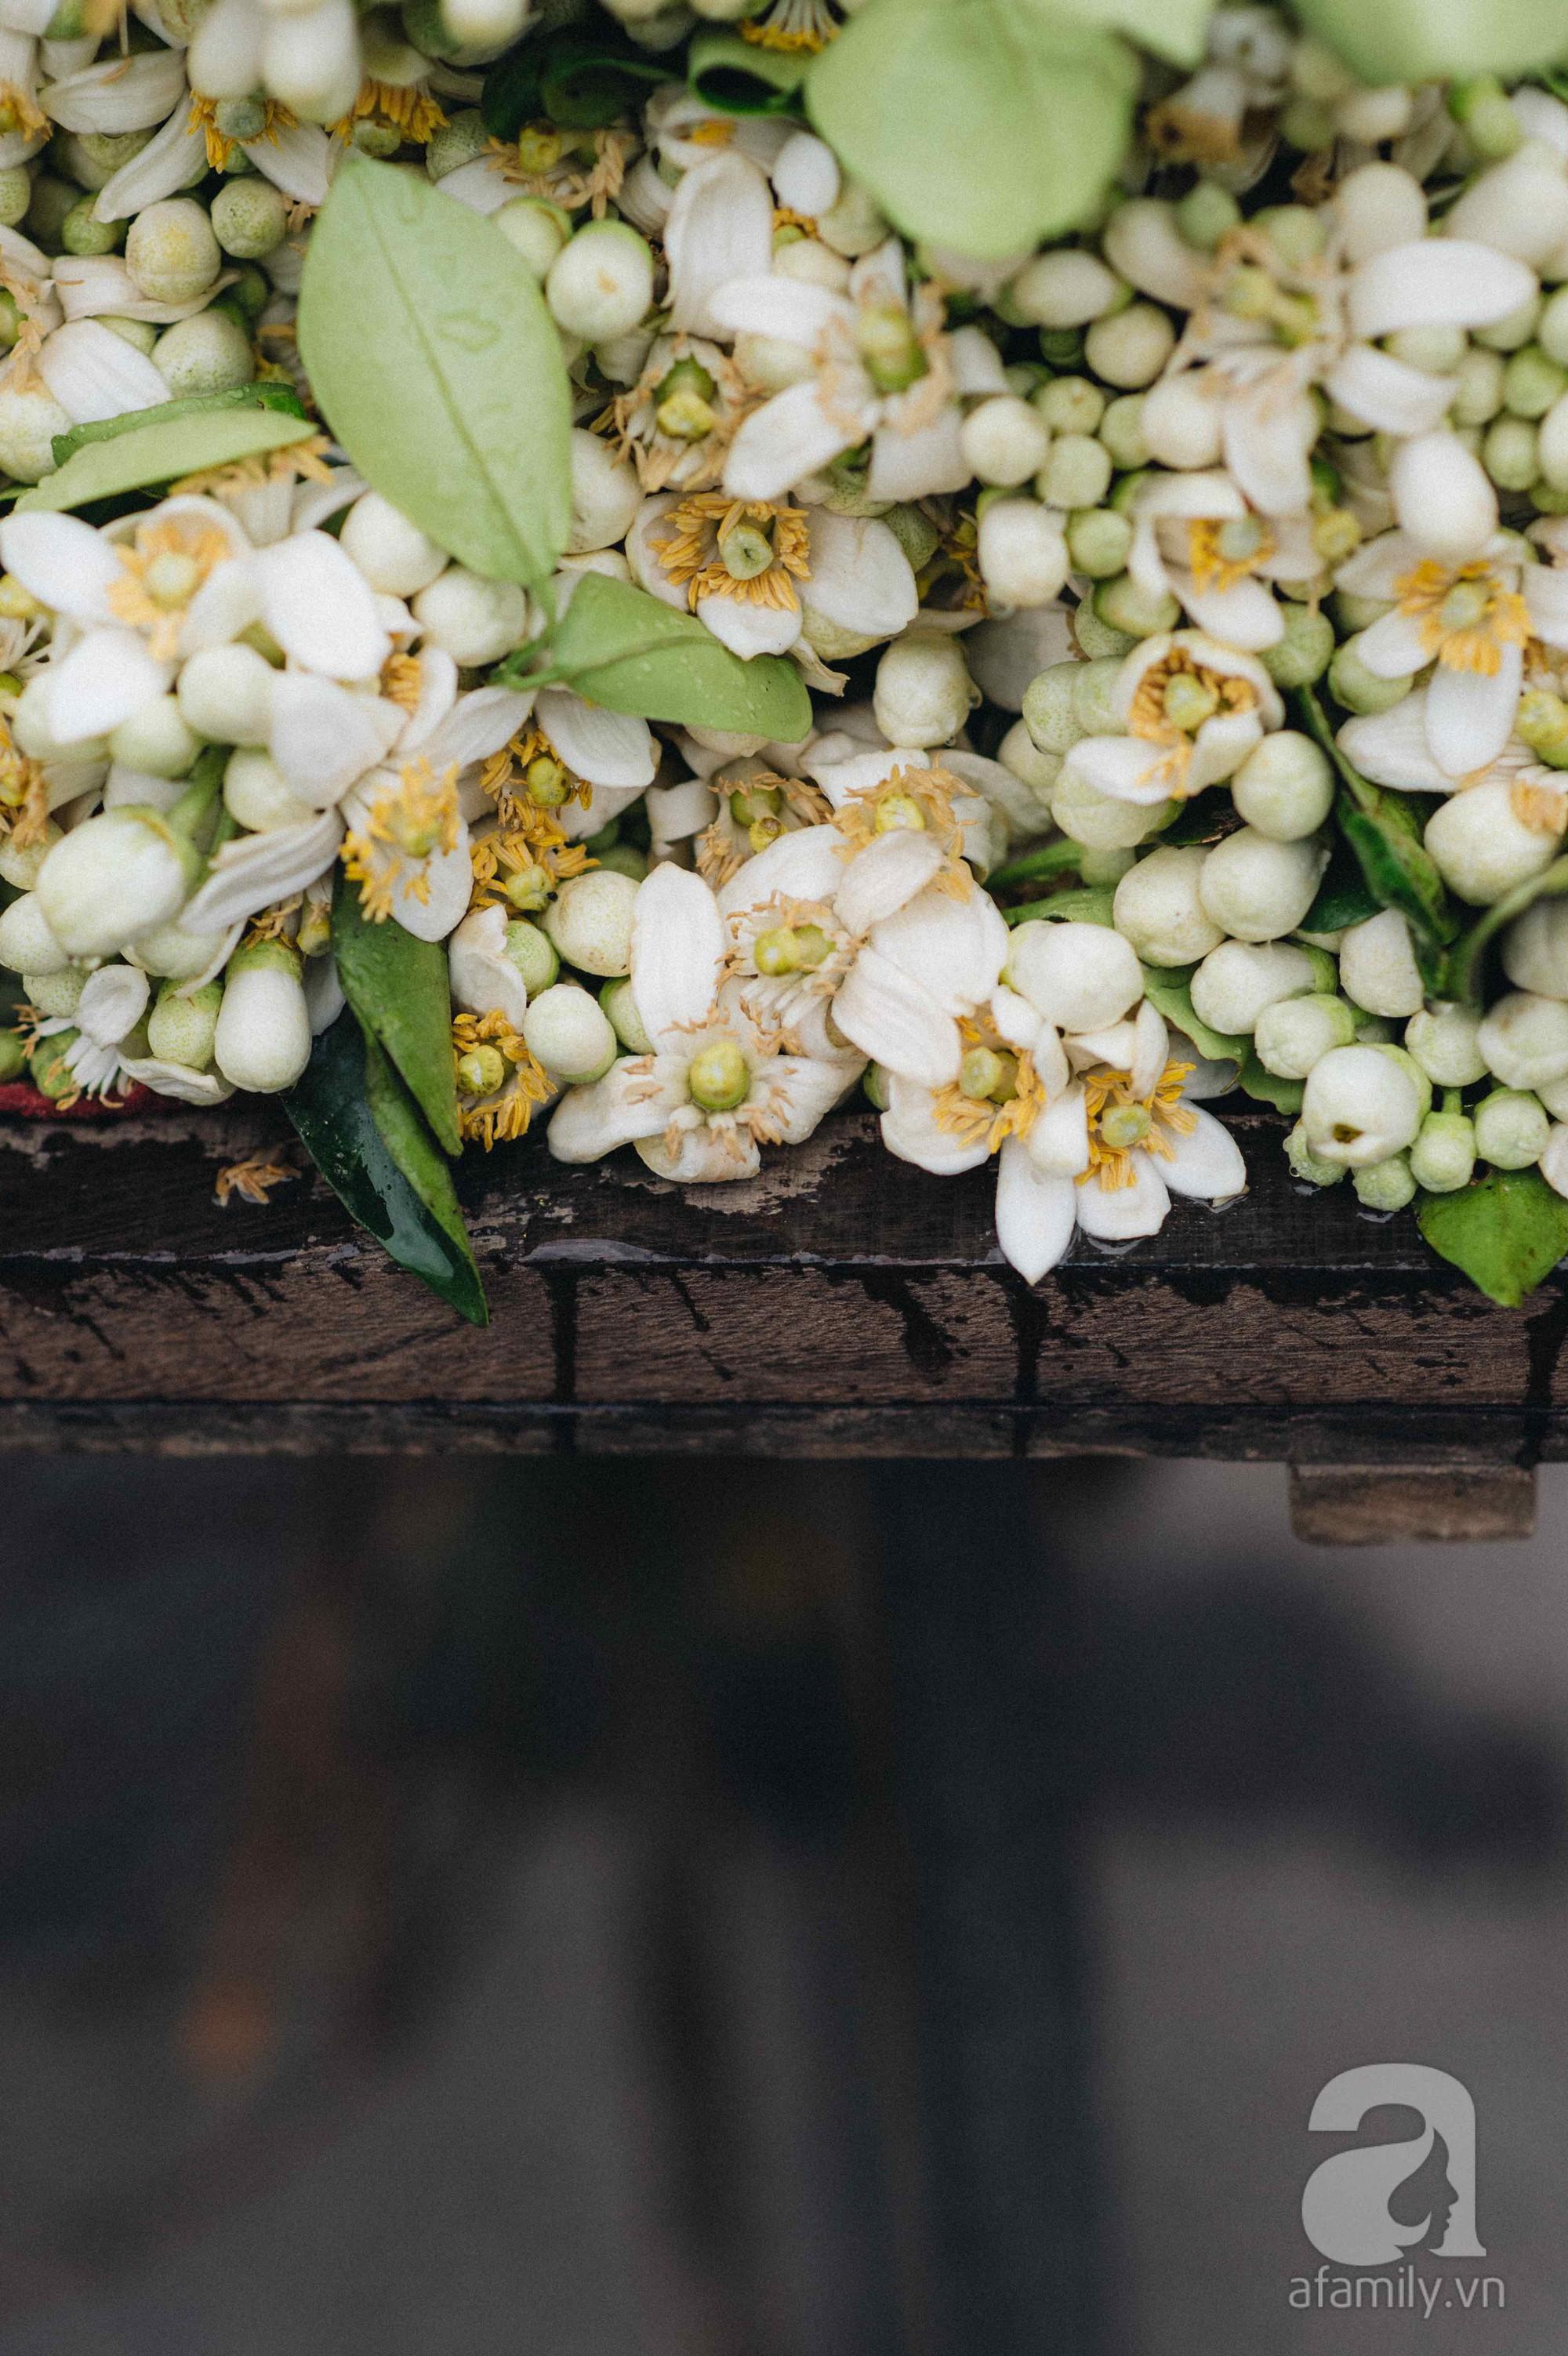 Cứ thấy 4 loài hoa này xuất hiện thì biết ngay tháng 3 đã về rồi - Ảnh 2.